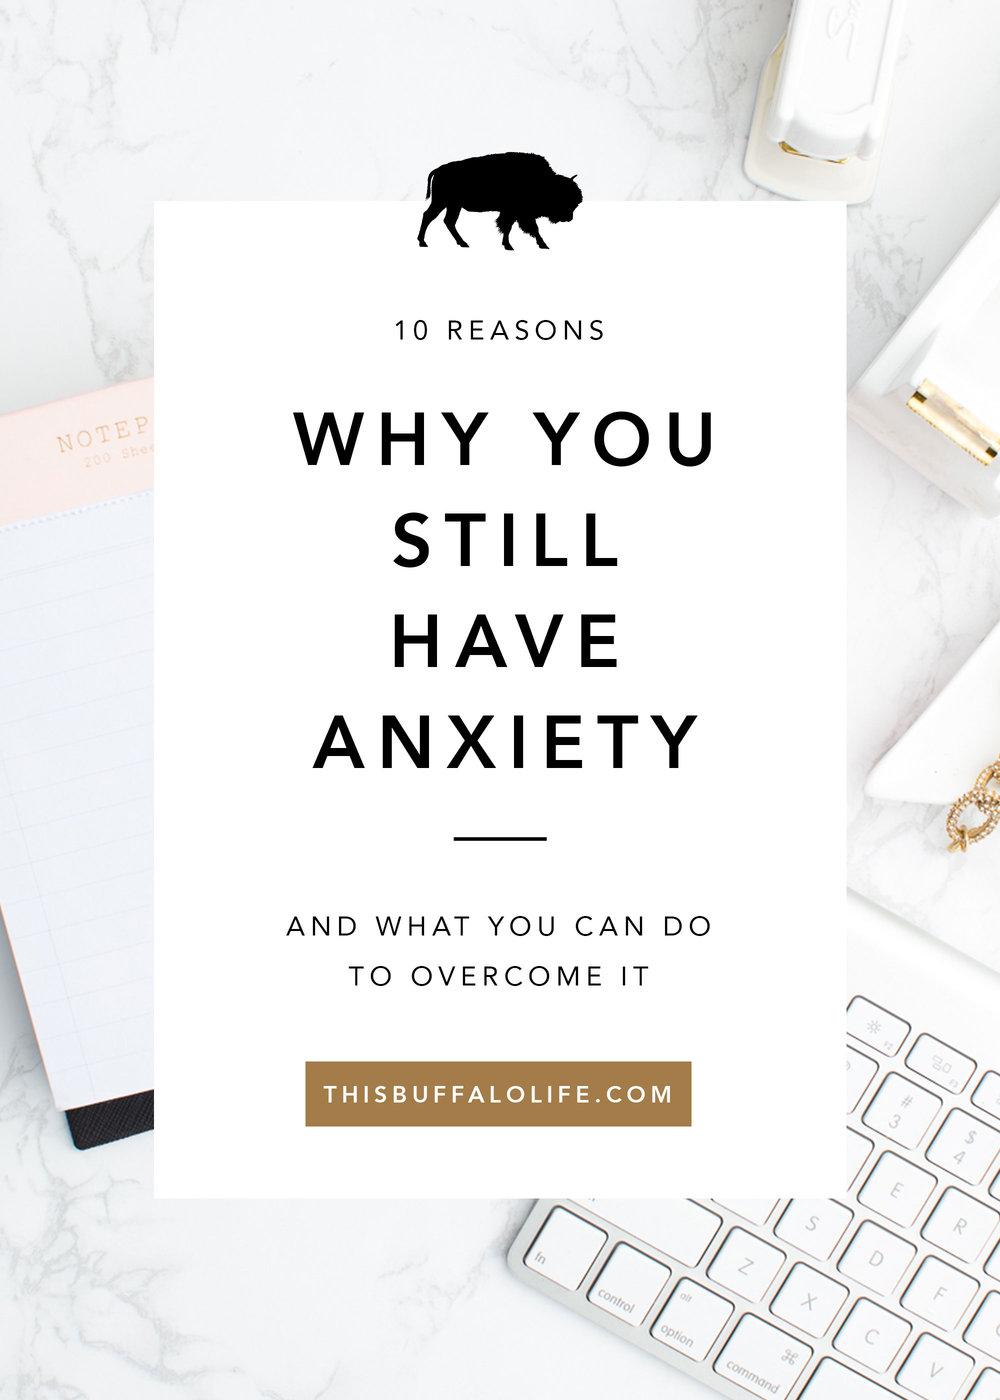 10anxiety.jpg